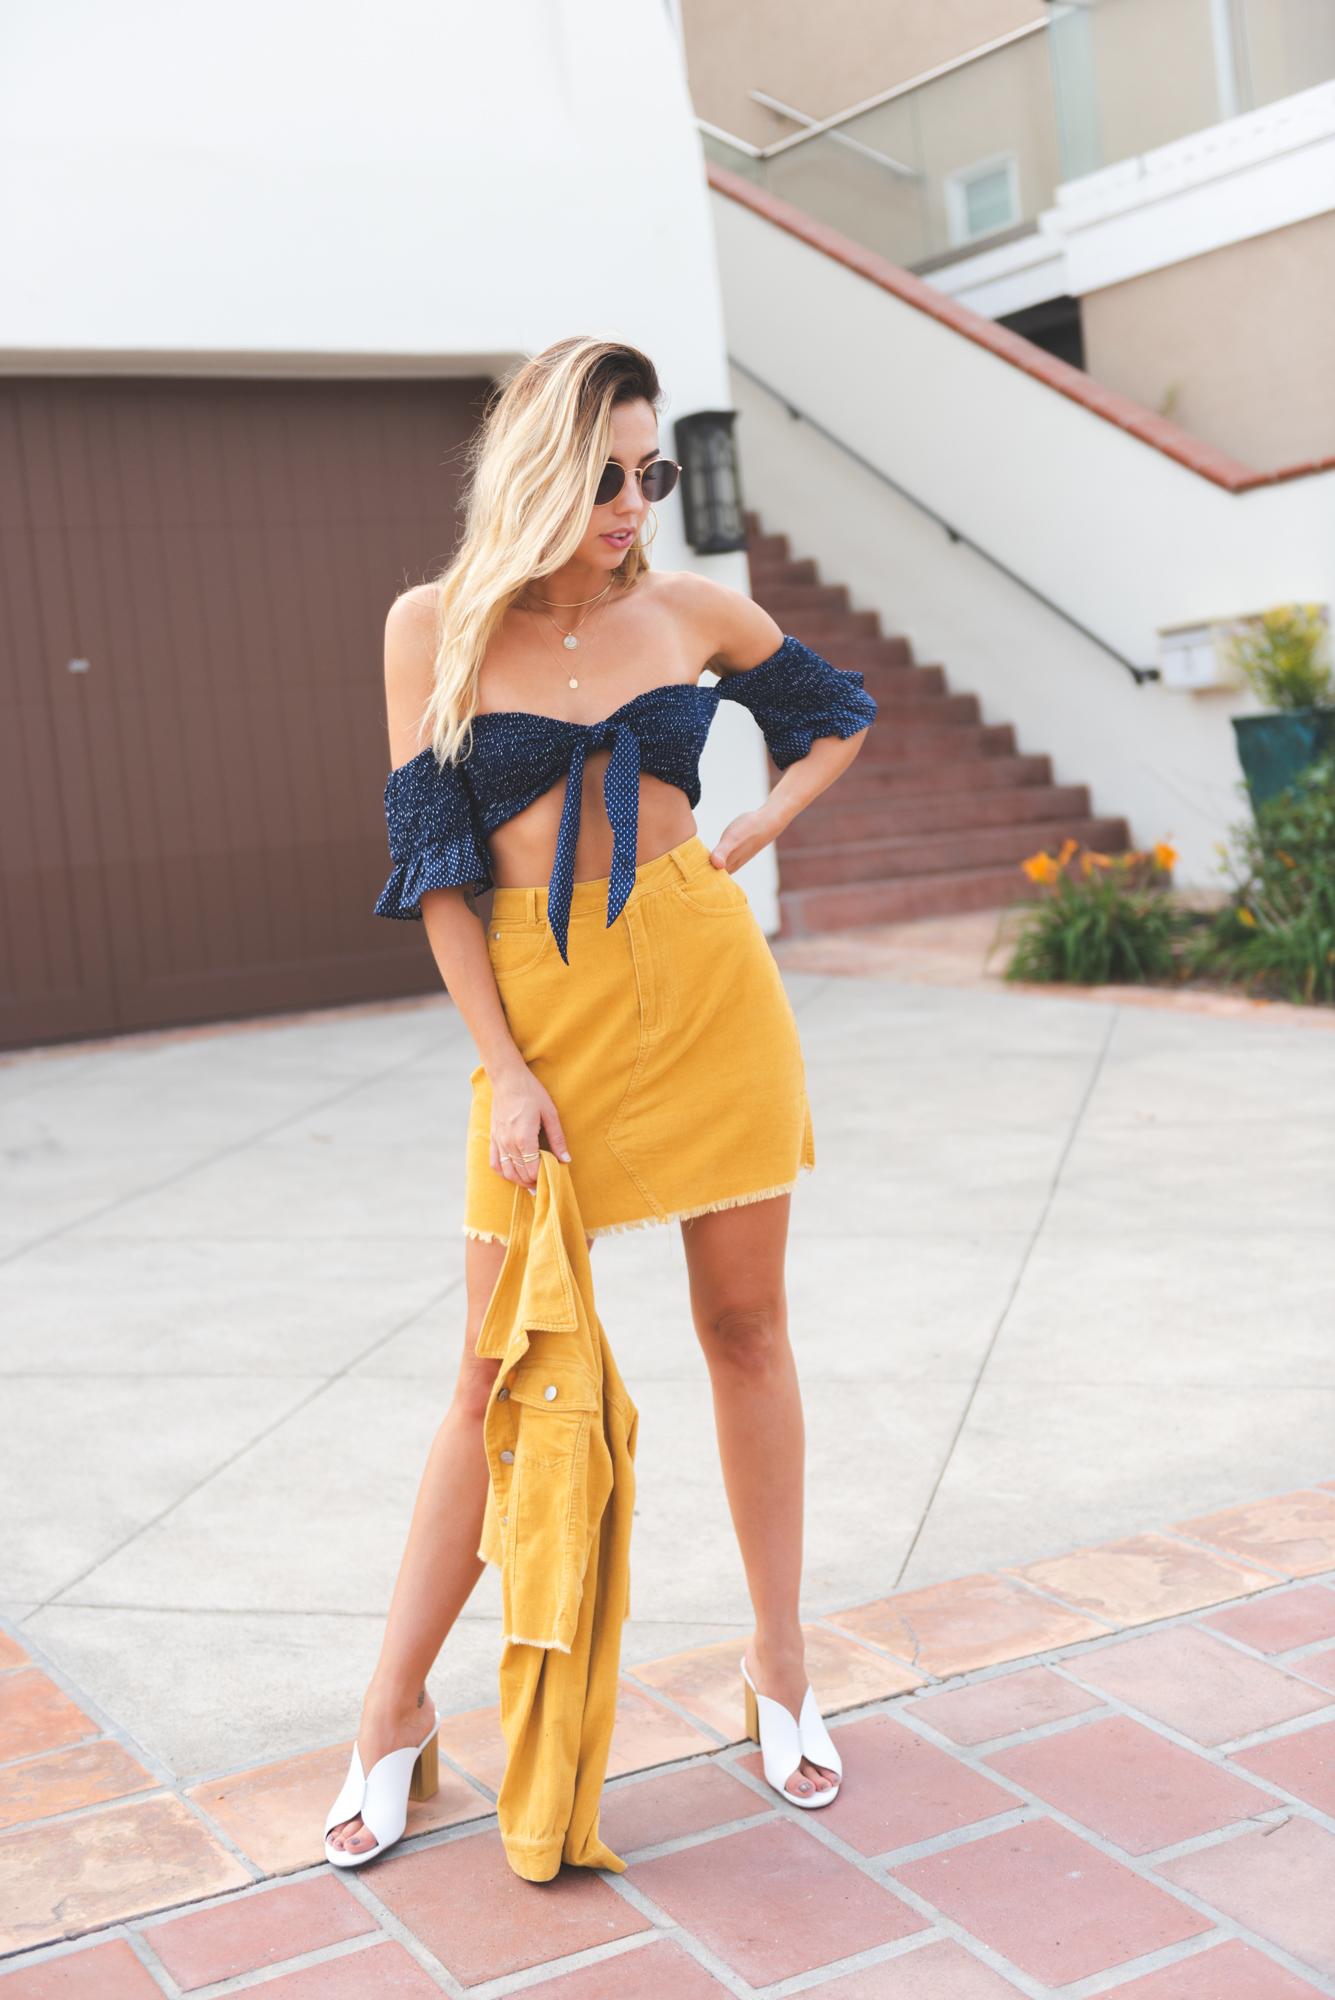 fashionista mặc chân váy vàng và áo xanh đậm